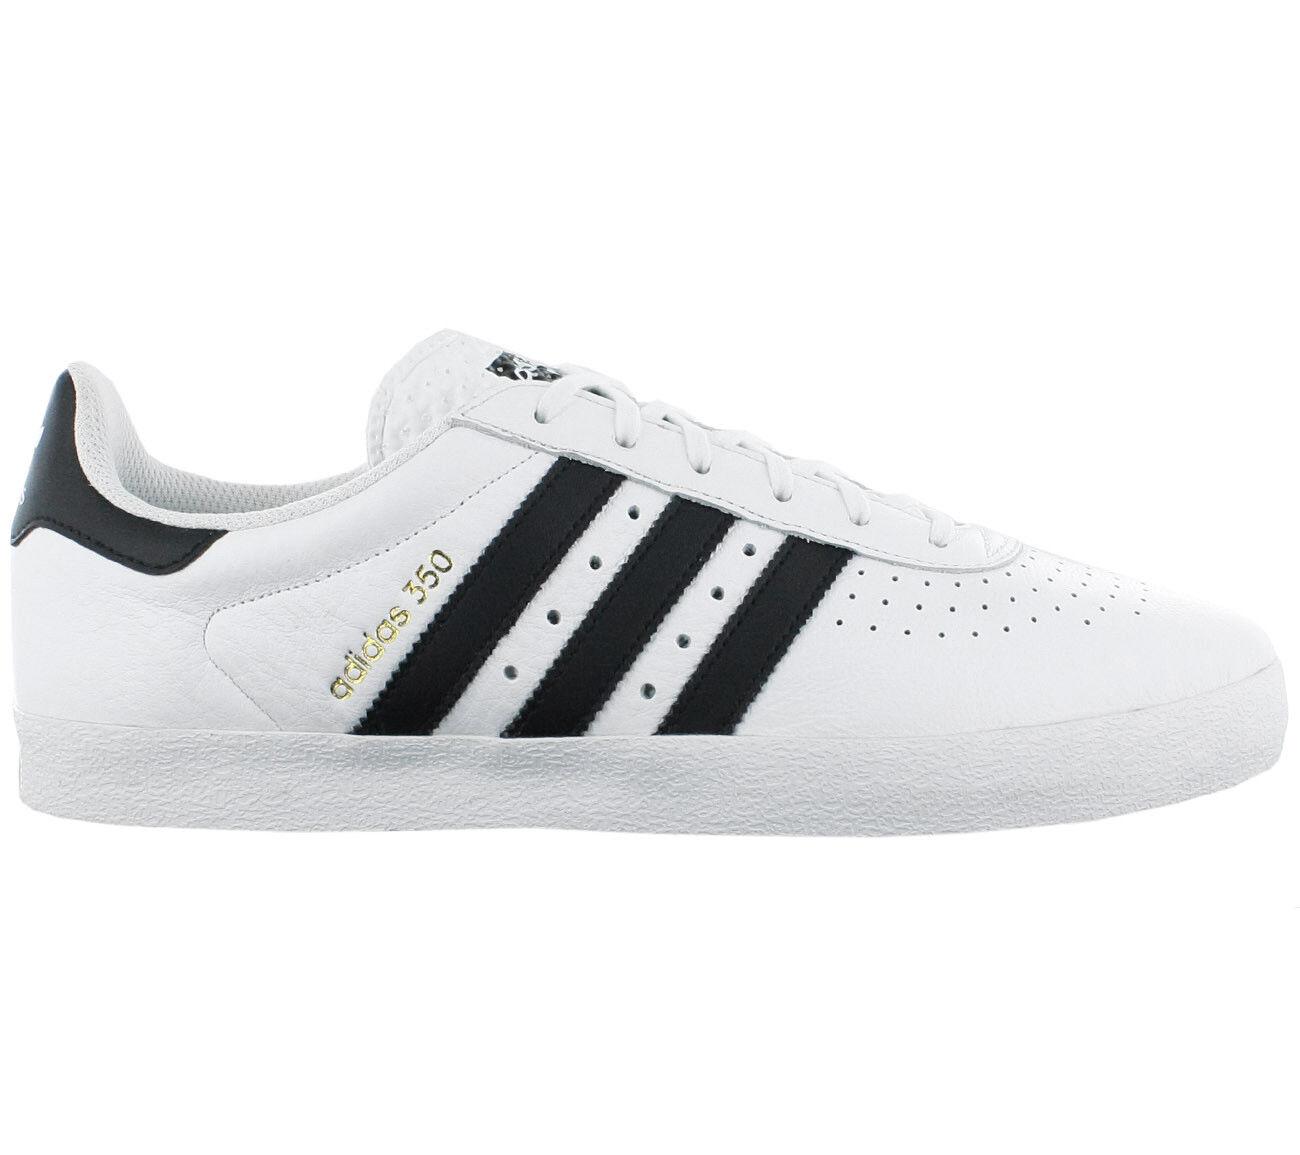 Adidas sneakers de de de hombre 350 originales zapatos de cuero blanco y9762 salvaje ocio Casual Shoes Sneakers efd243